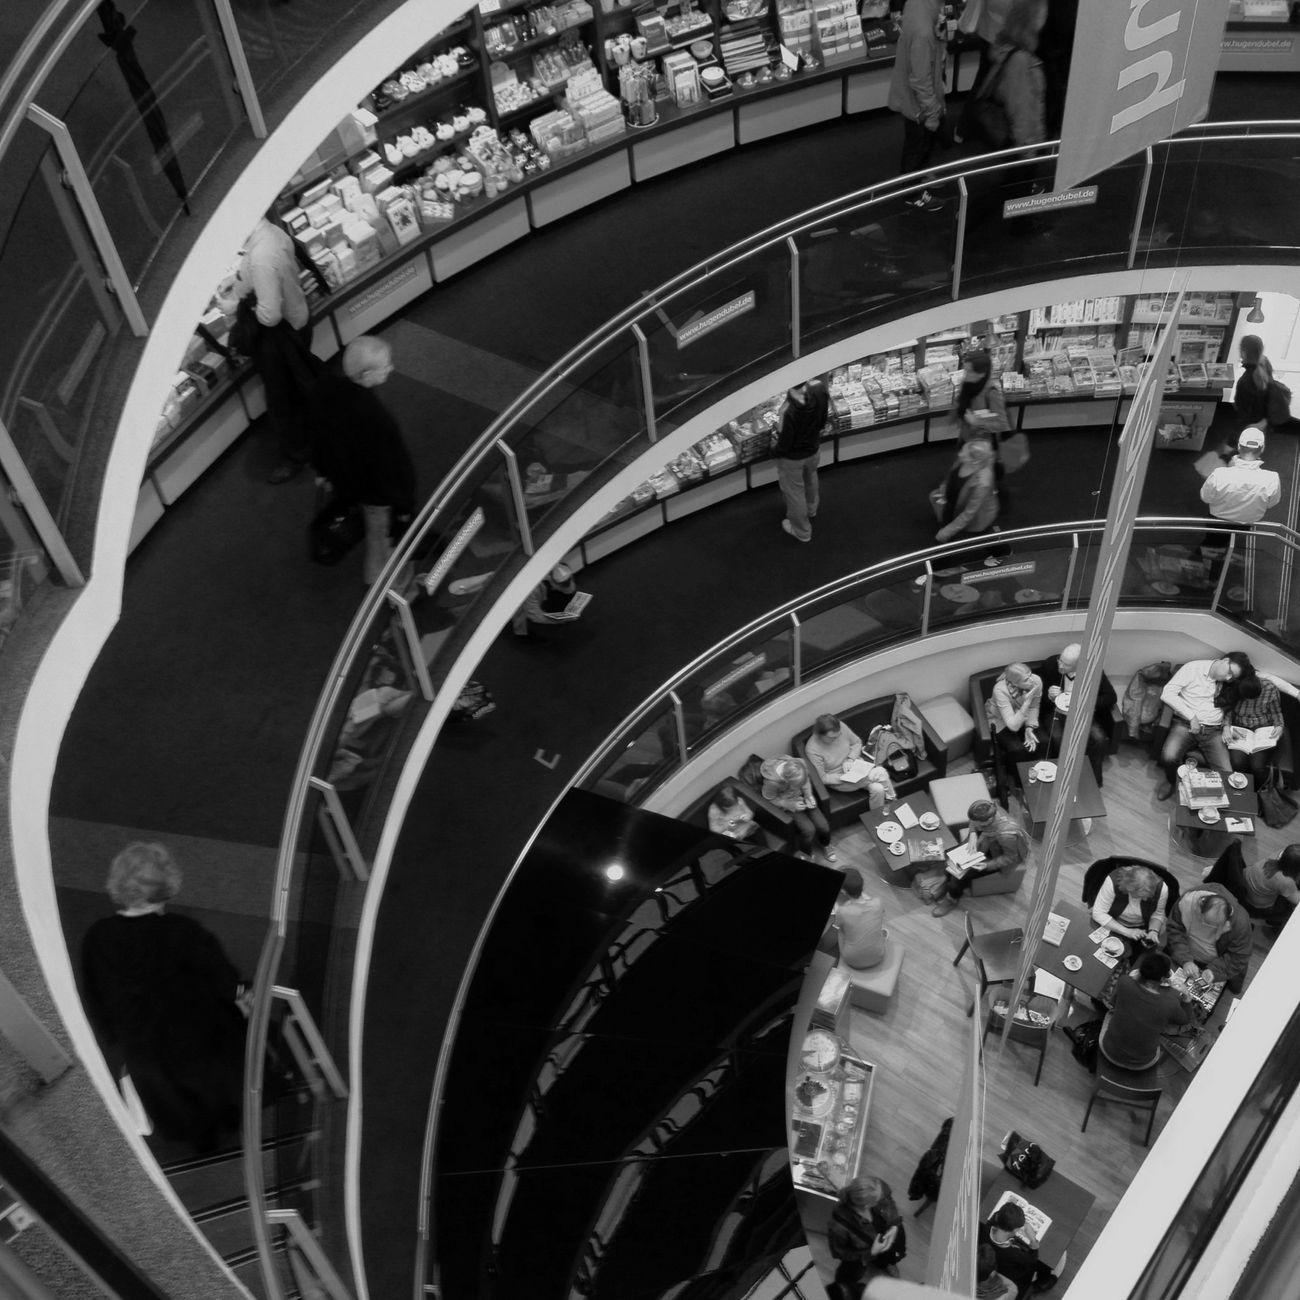 Book Store Blackandwhite